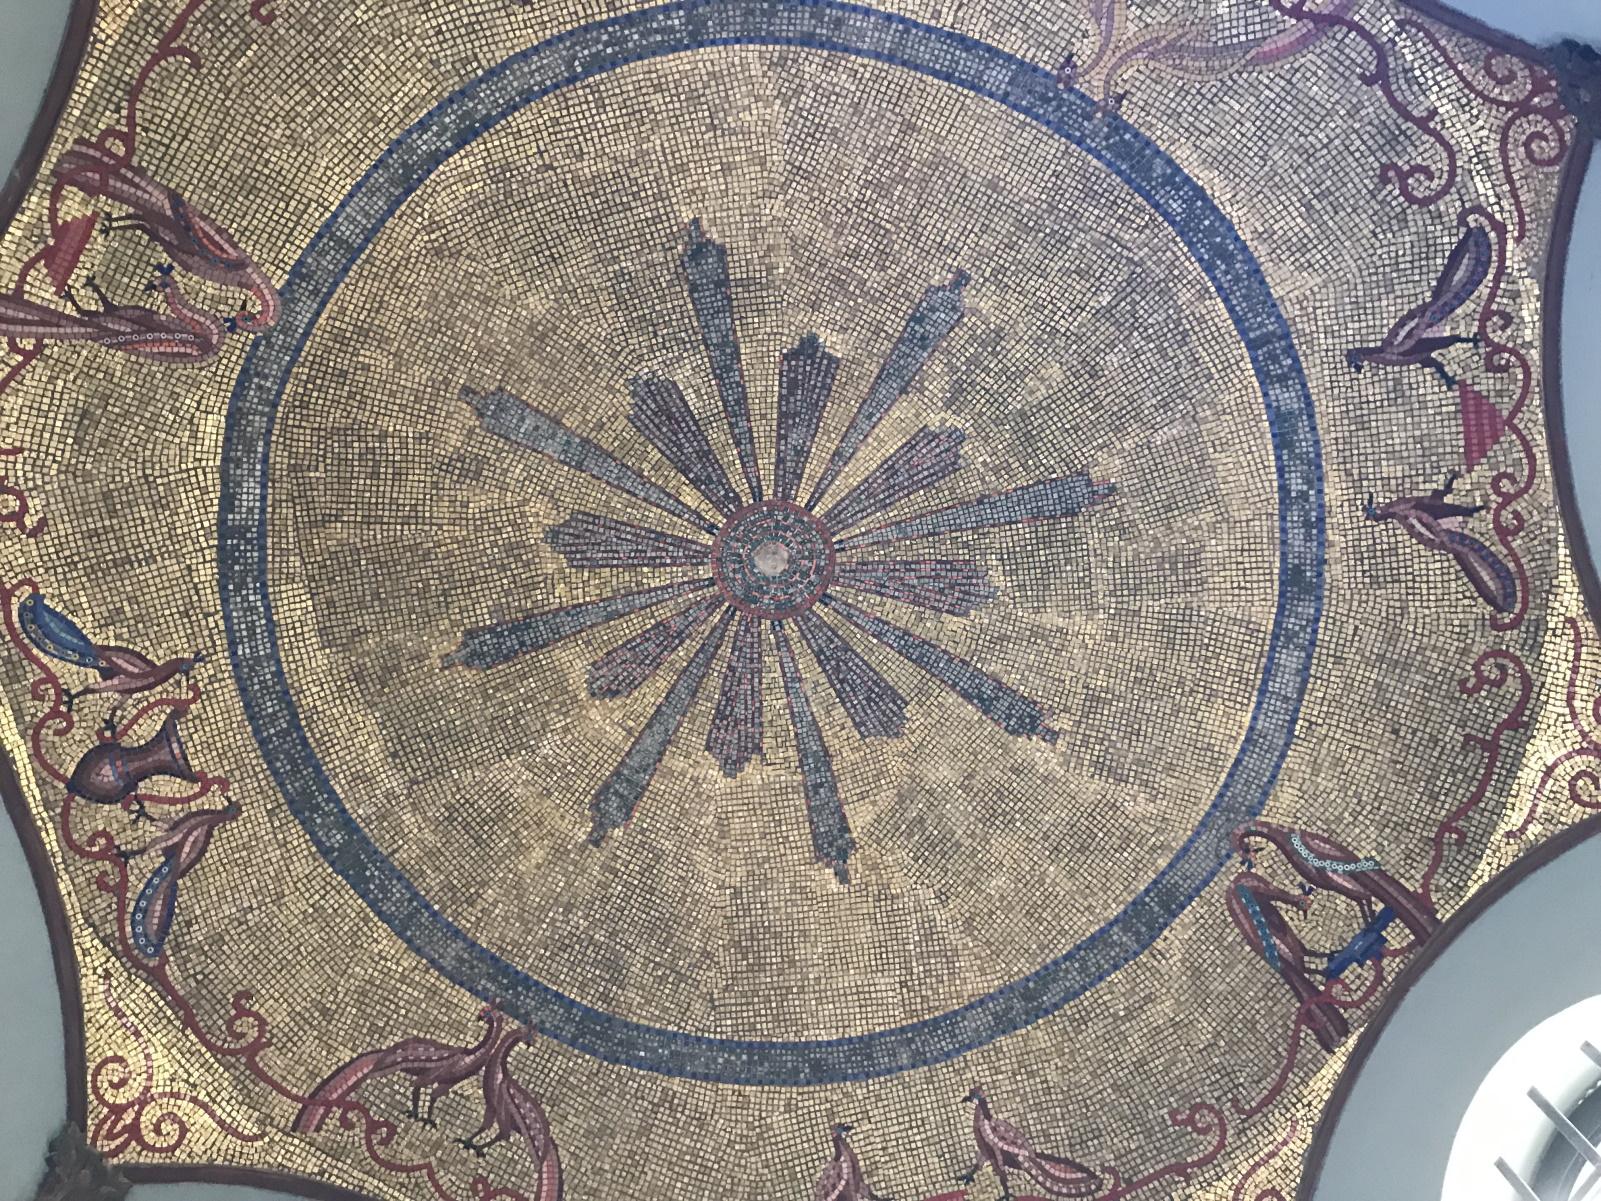 Μέγαρο Τσίλλερ – Λοβέρδου: Έτοιμο το «κόσμημα» της Αθήνας – Εικόνες μεγαλείου